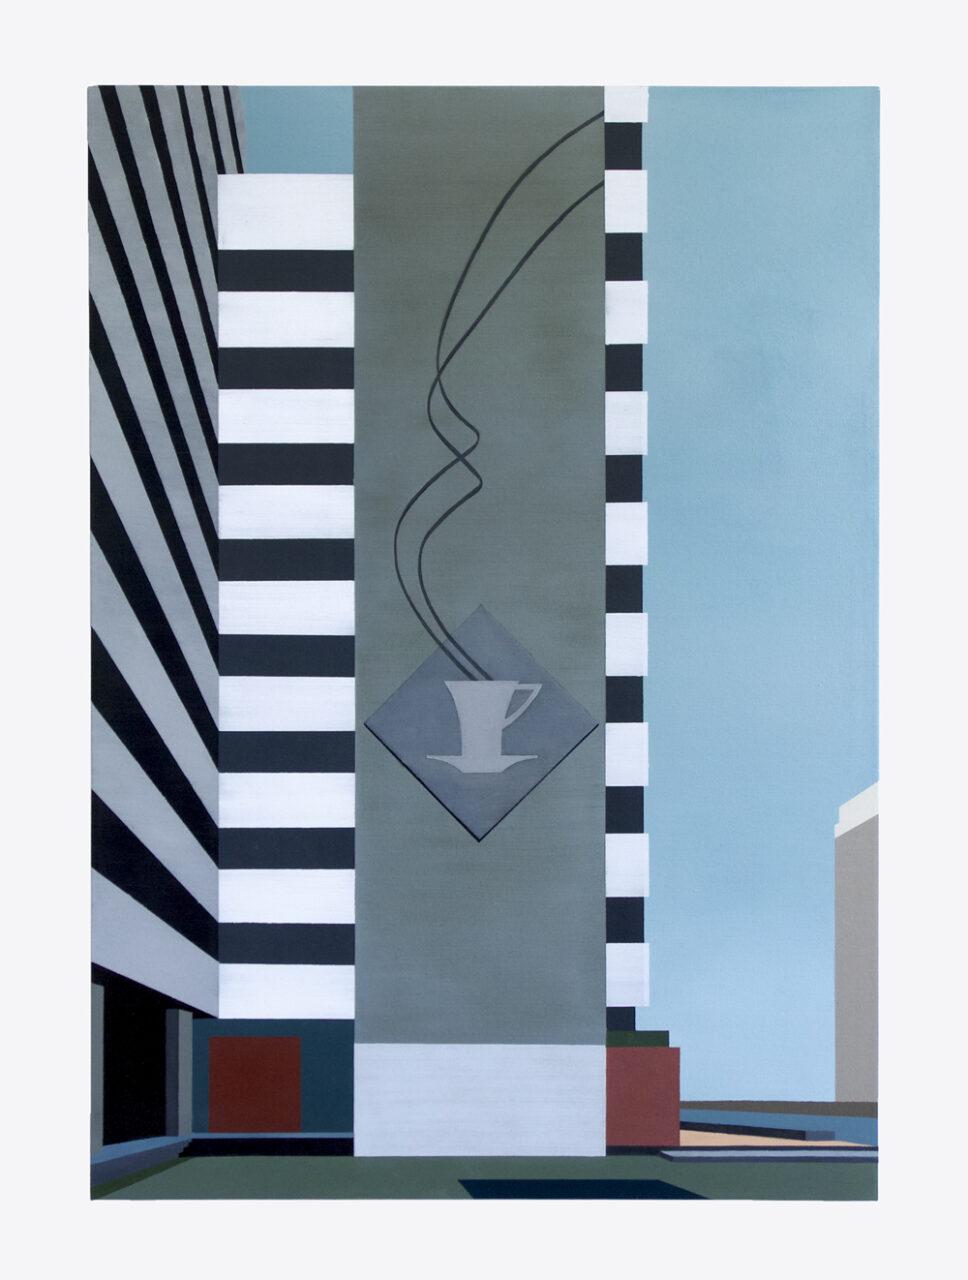 Mokka-Eck, 2020, oil on canvas, 100 x 70 cm